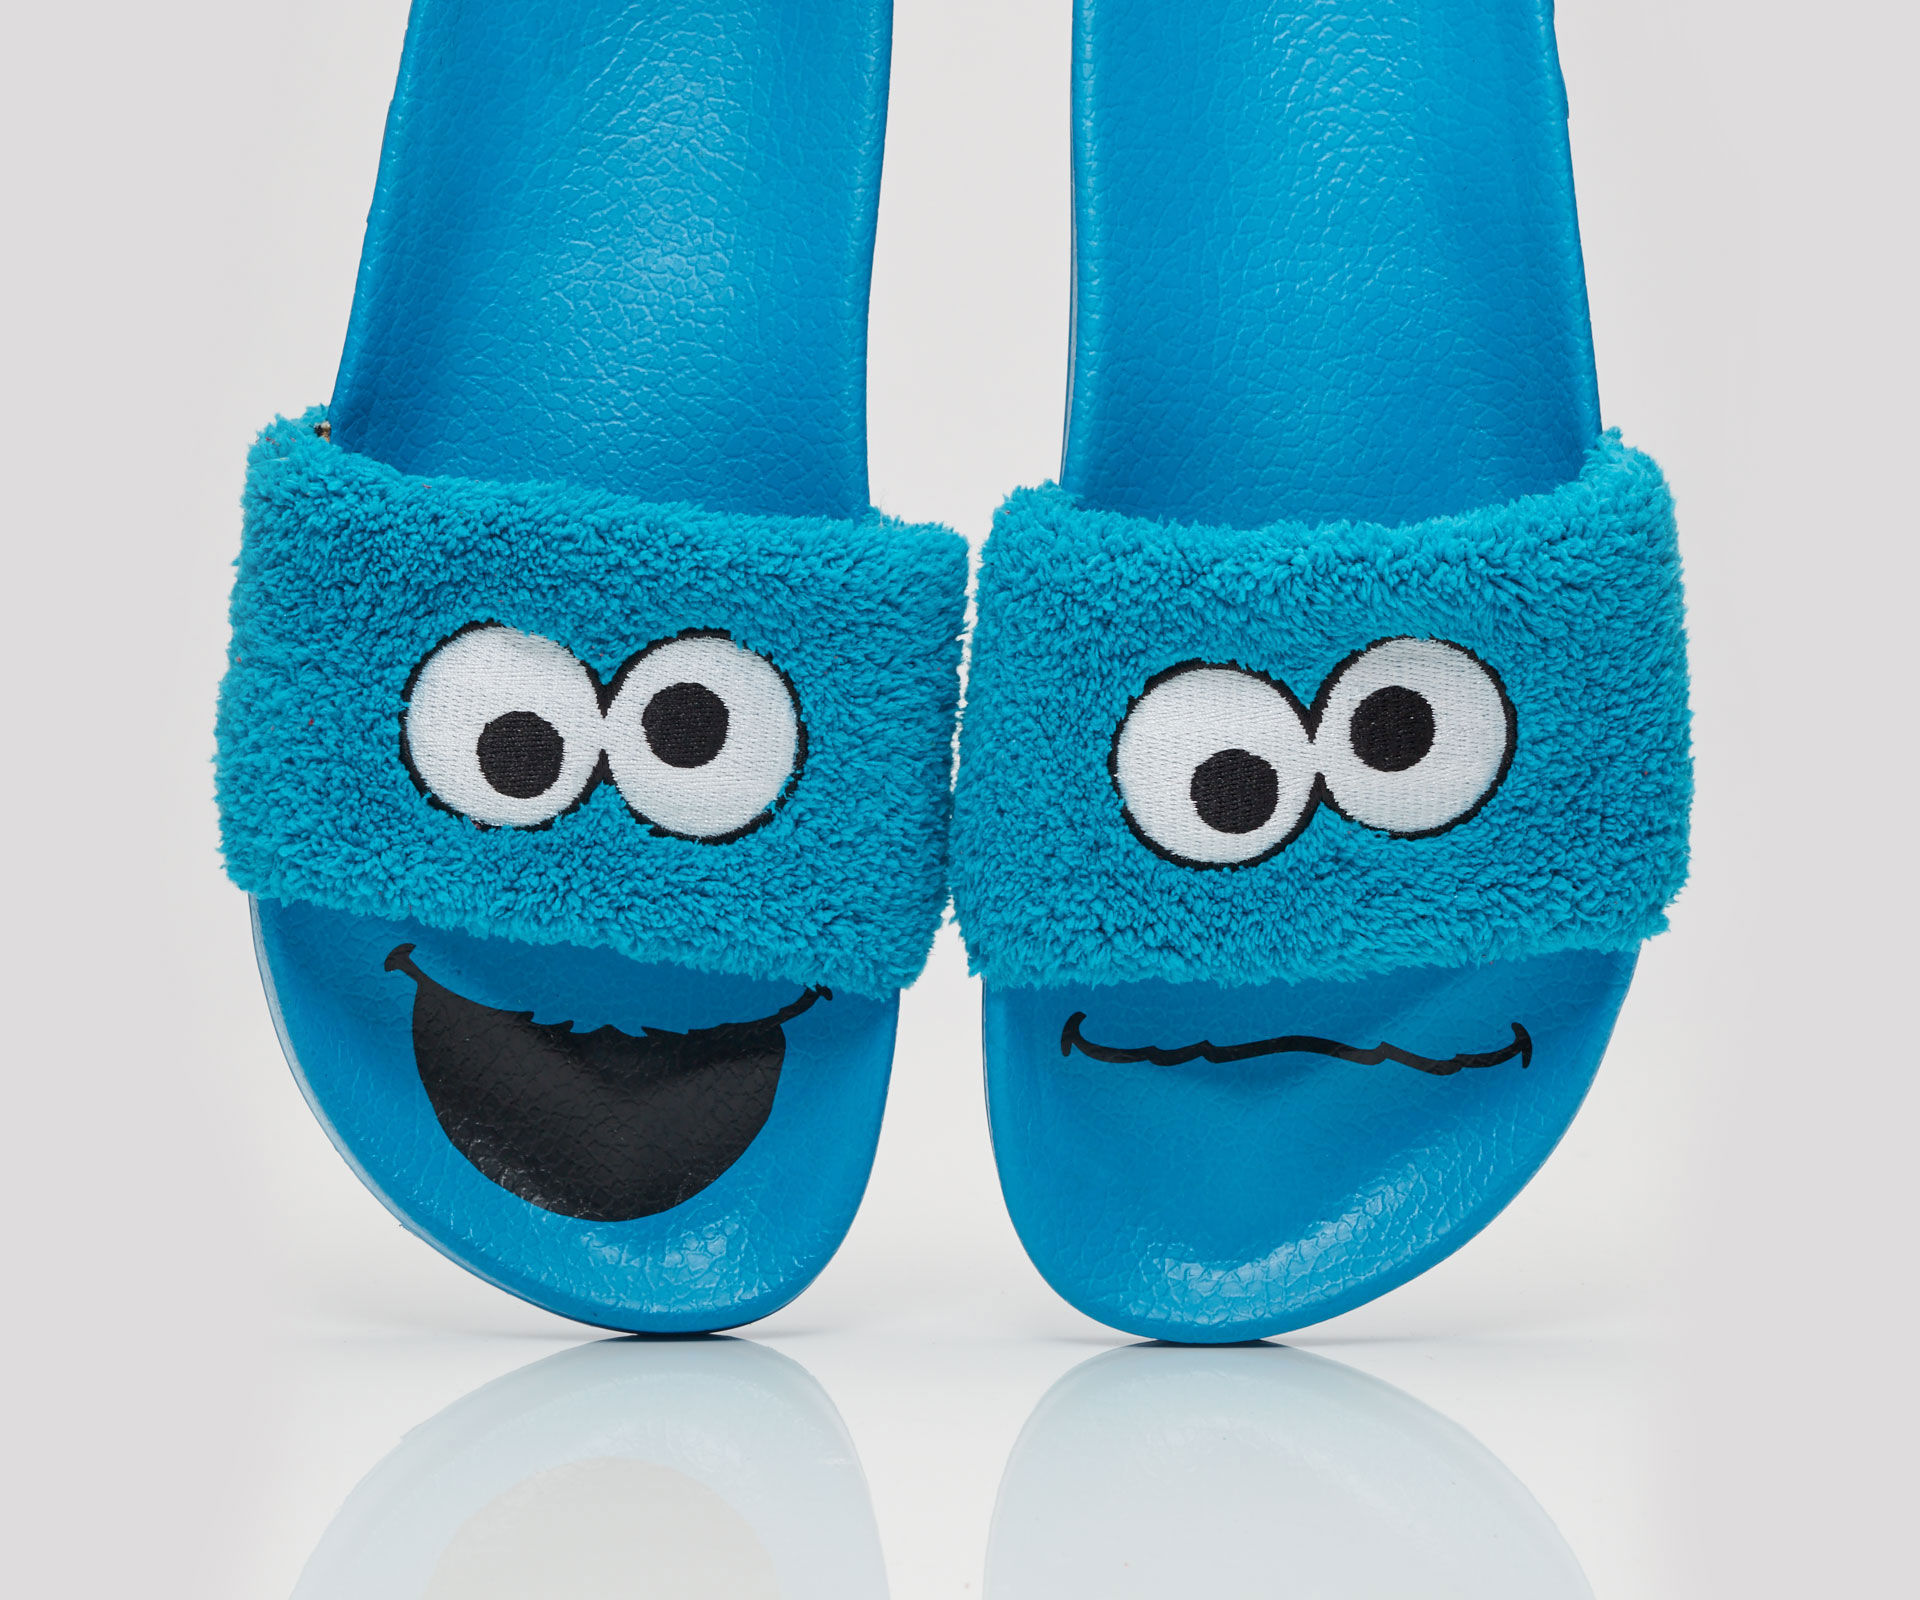 Ha kakmonstret på fötterna!